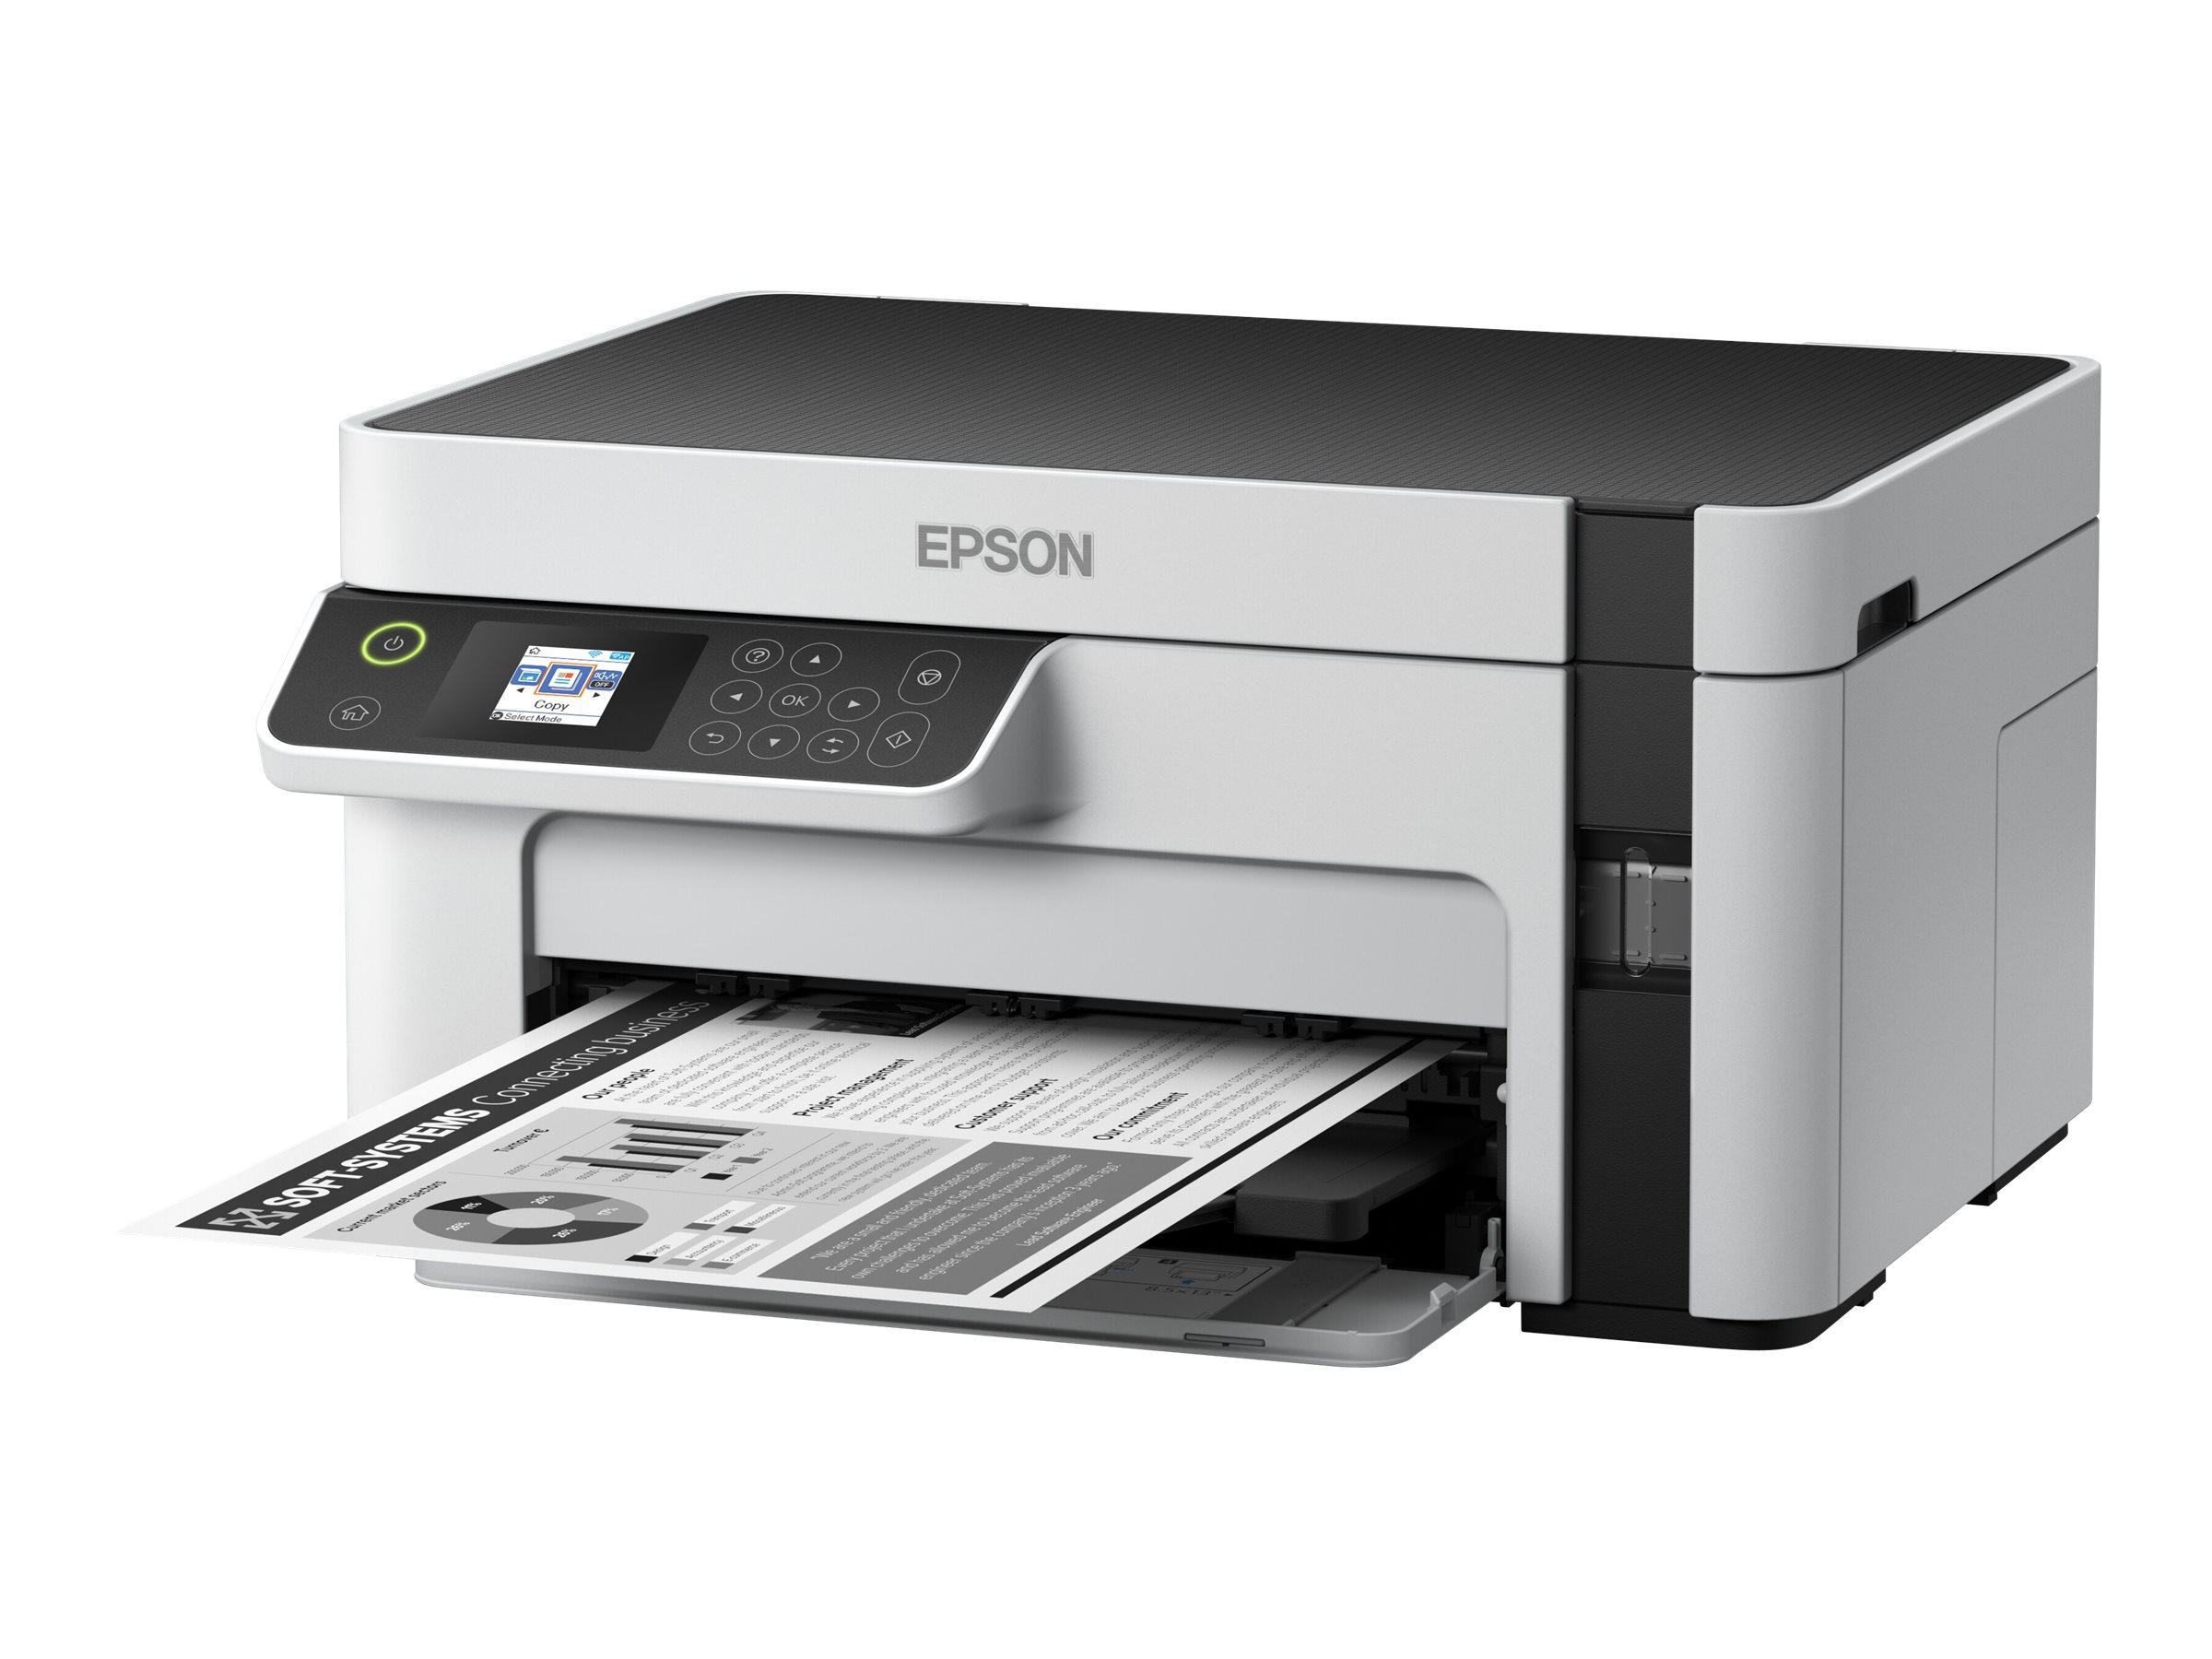 Epson EcoTank ET-M2120 - Multifunktionsdrucker - s/w - Tintenstrahl - A4/Legal (Medien) - bis zu 15 Seiten/Min. (Drucken)